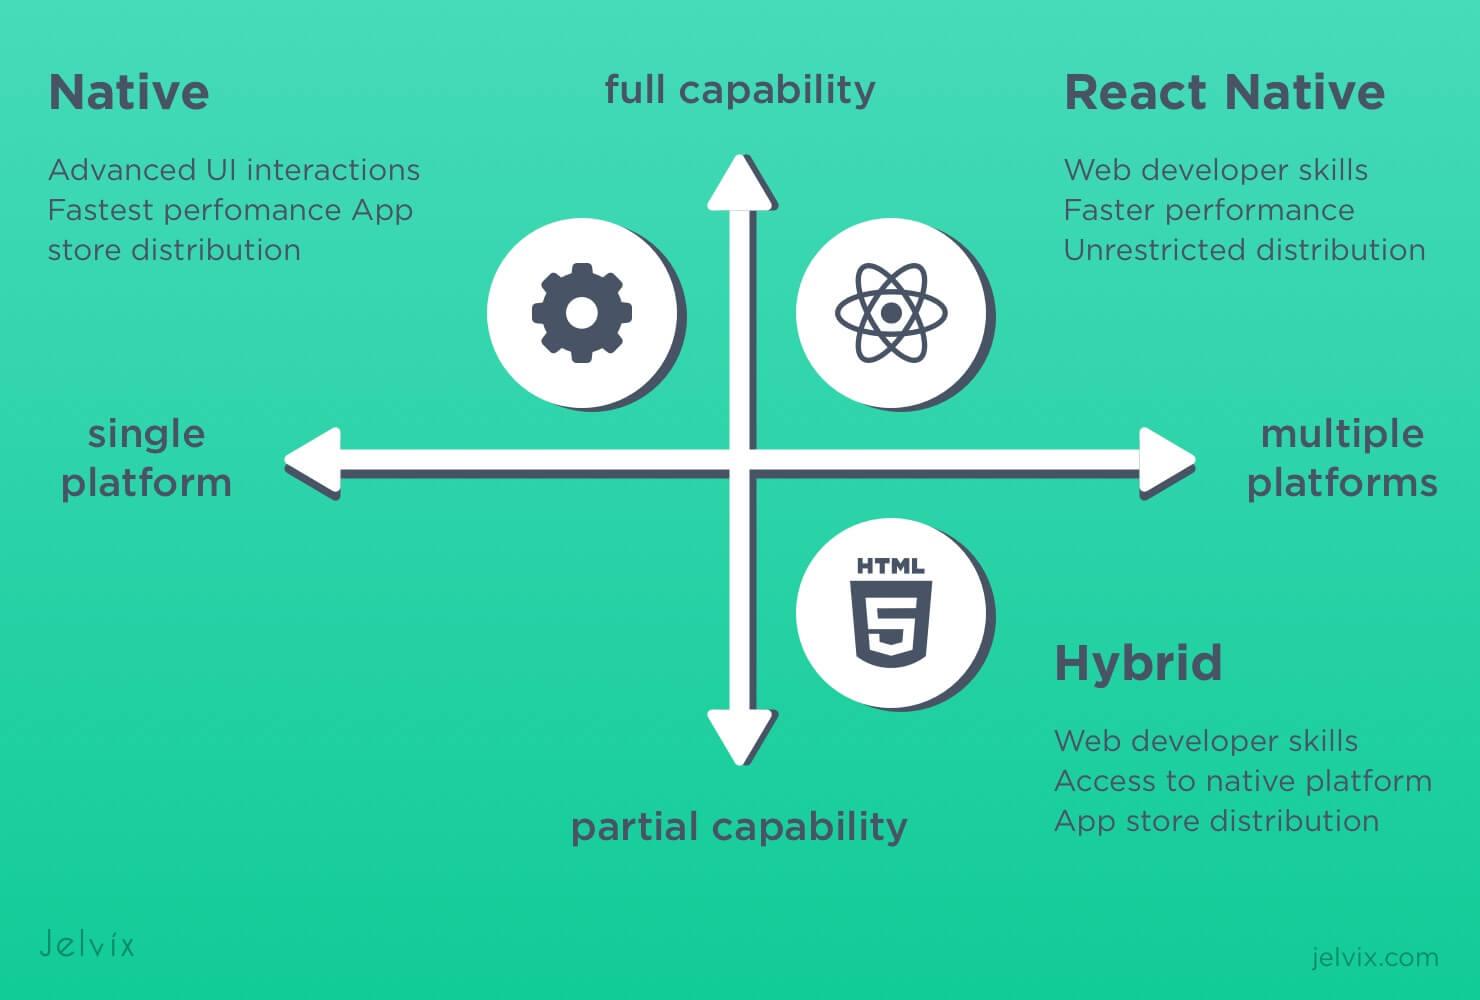 react native vs native vs hybrid